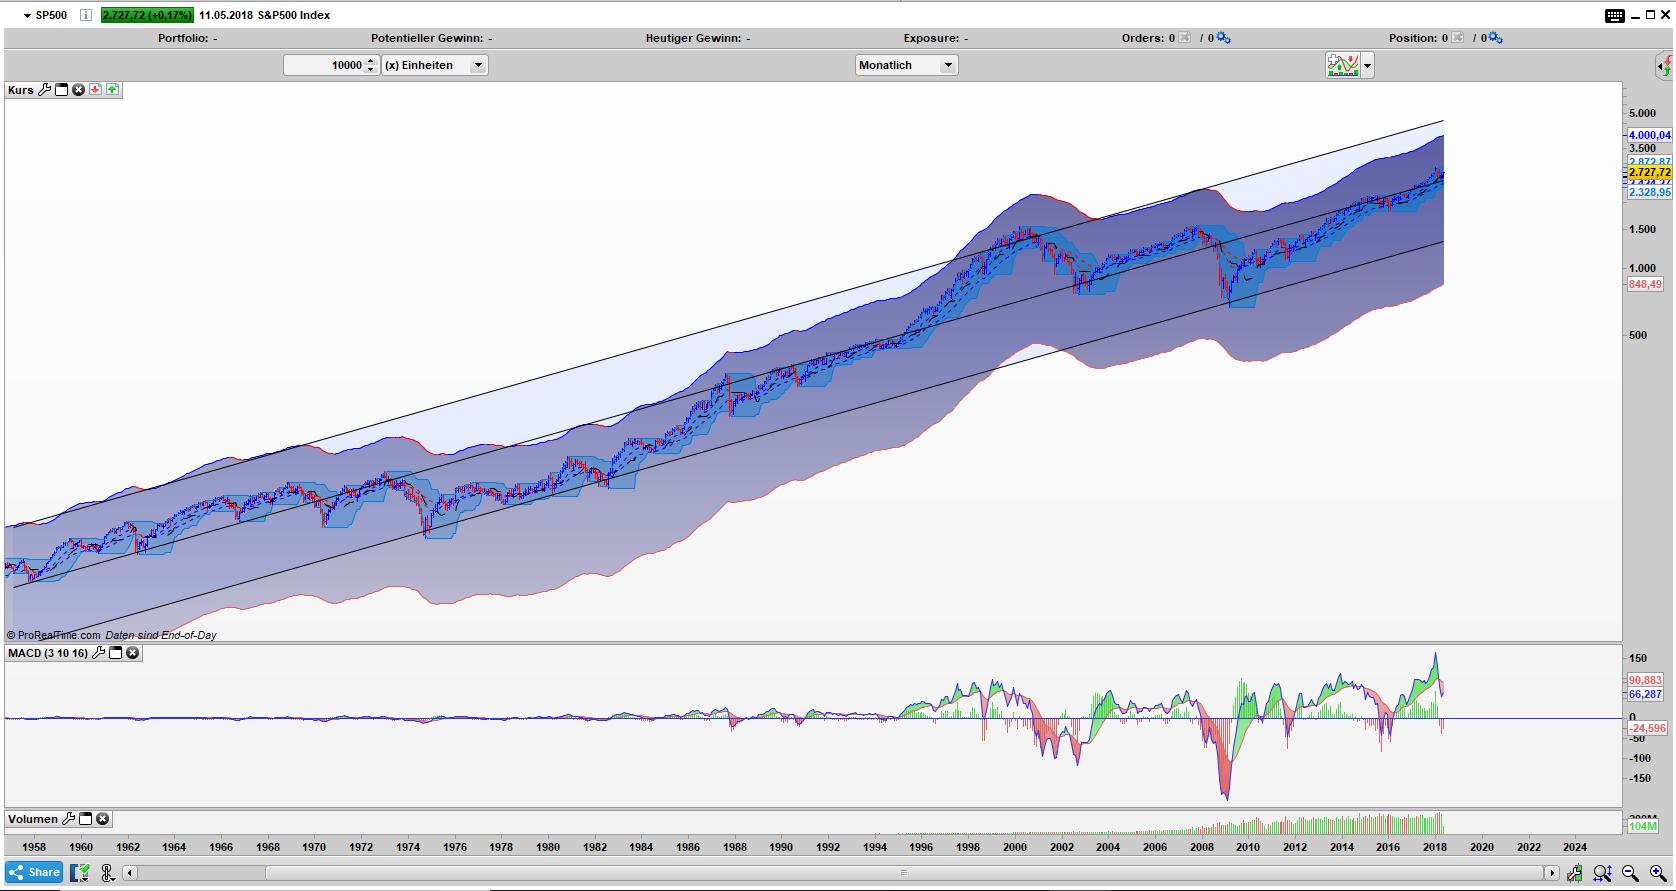 Langfristige Entwicklung des S&P 500